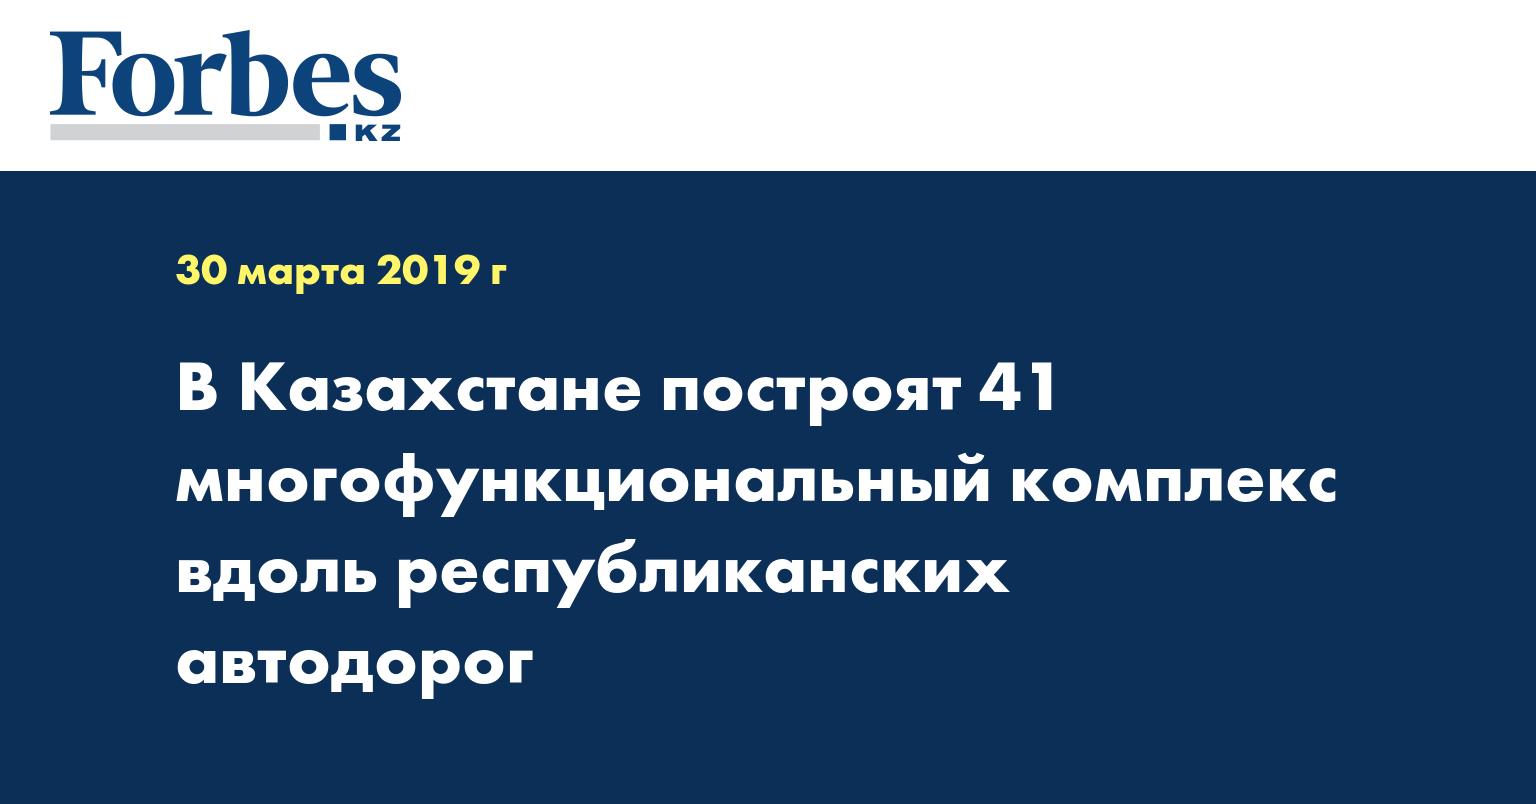 В Казахстане построят 41 многофункциональный комплекс вдоль республиканских автодорог